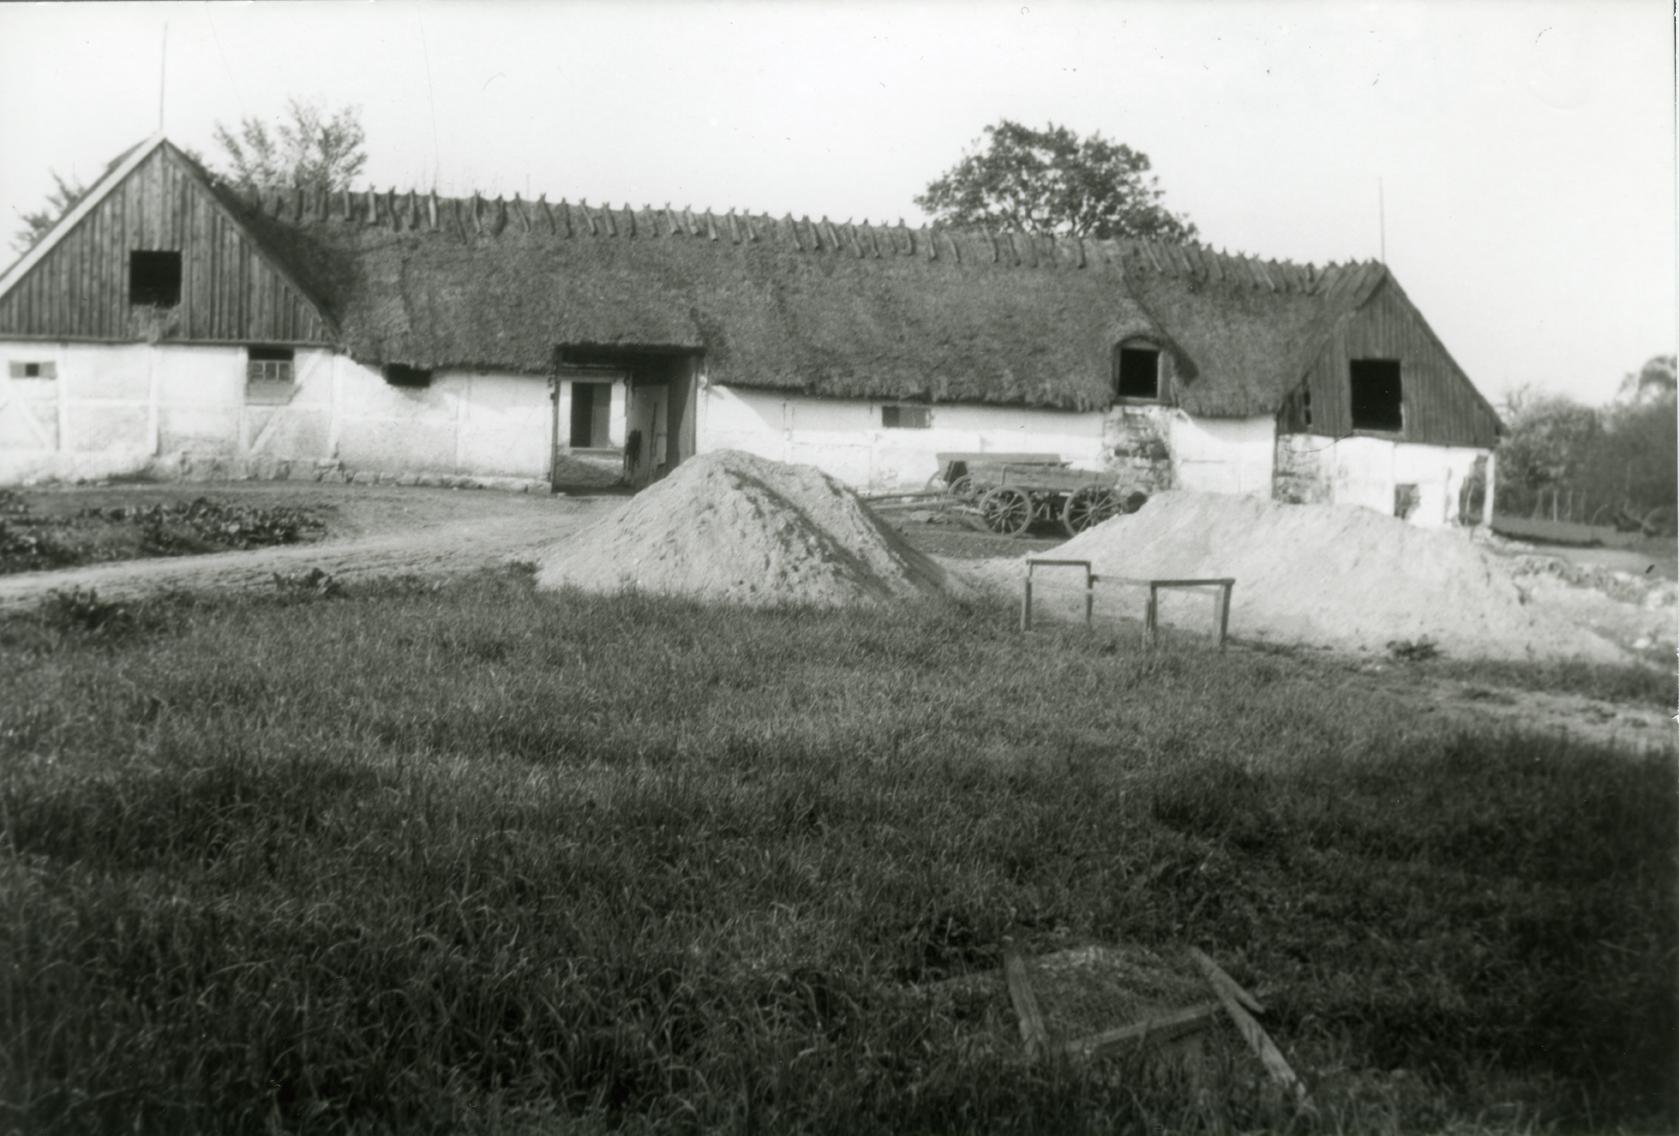 Billede 16 Tjørnholm, Østrupvej 118 - Gården brændte ved den store brand i Ugerløse 1824. Samme år genopførtes den som en firlænget stråtækt gård med indkørsel gennem en stor port. Portlængen blev nedrevet i 1930 og genopbygget samme sted som kostald og kornlade. (kilde G. Christiansen).